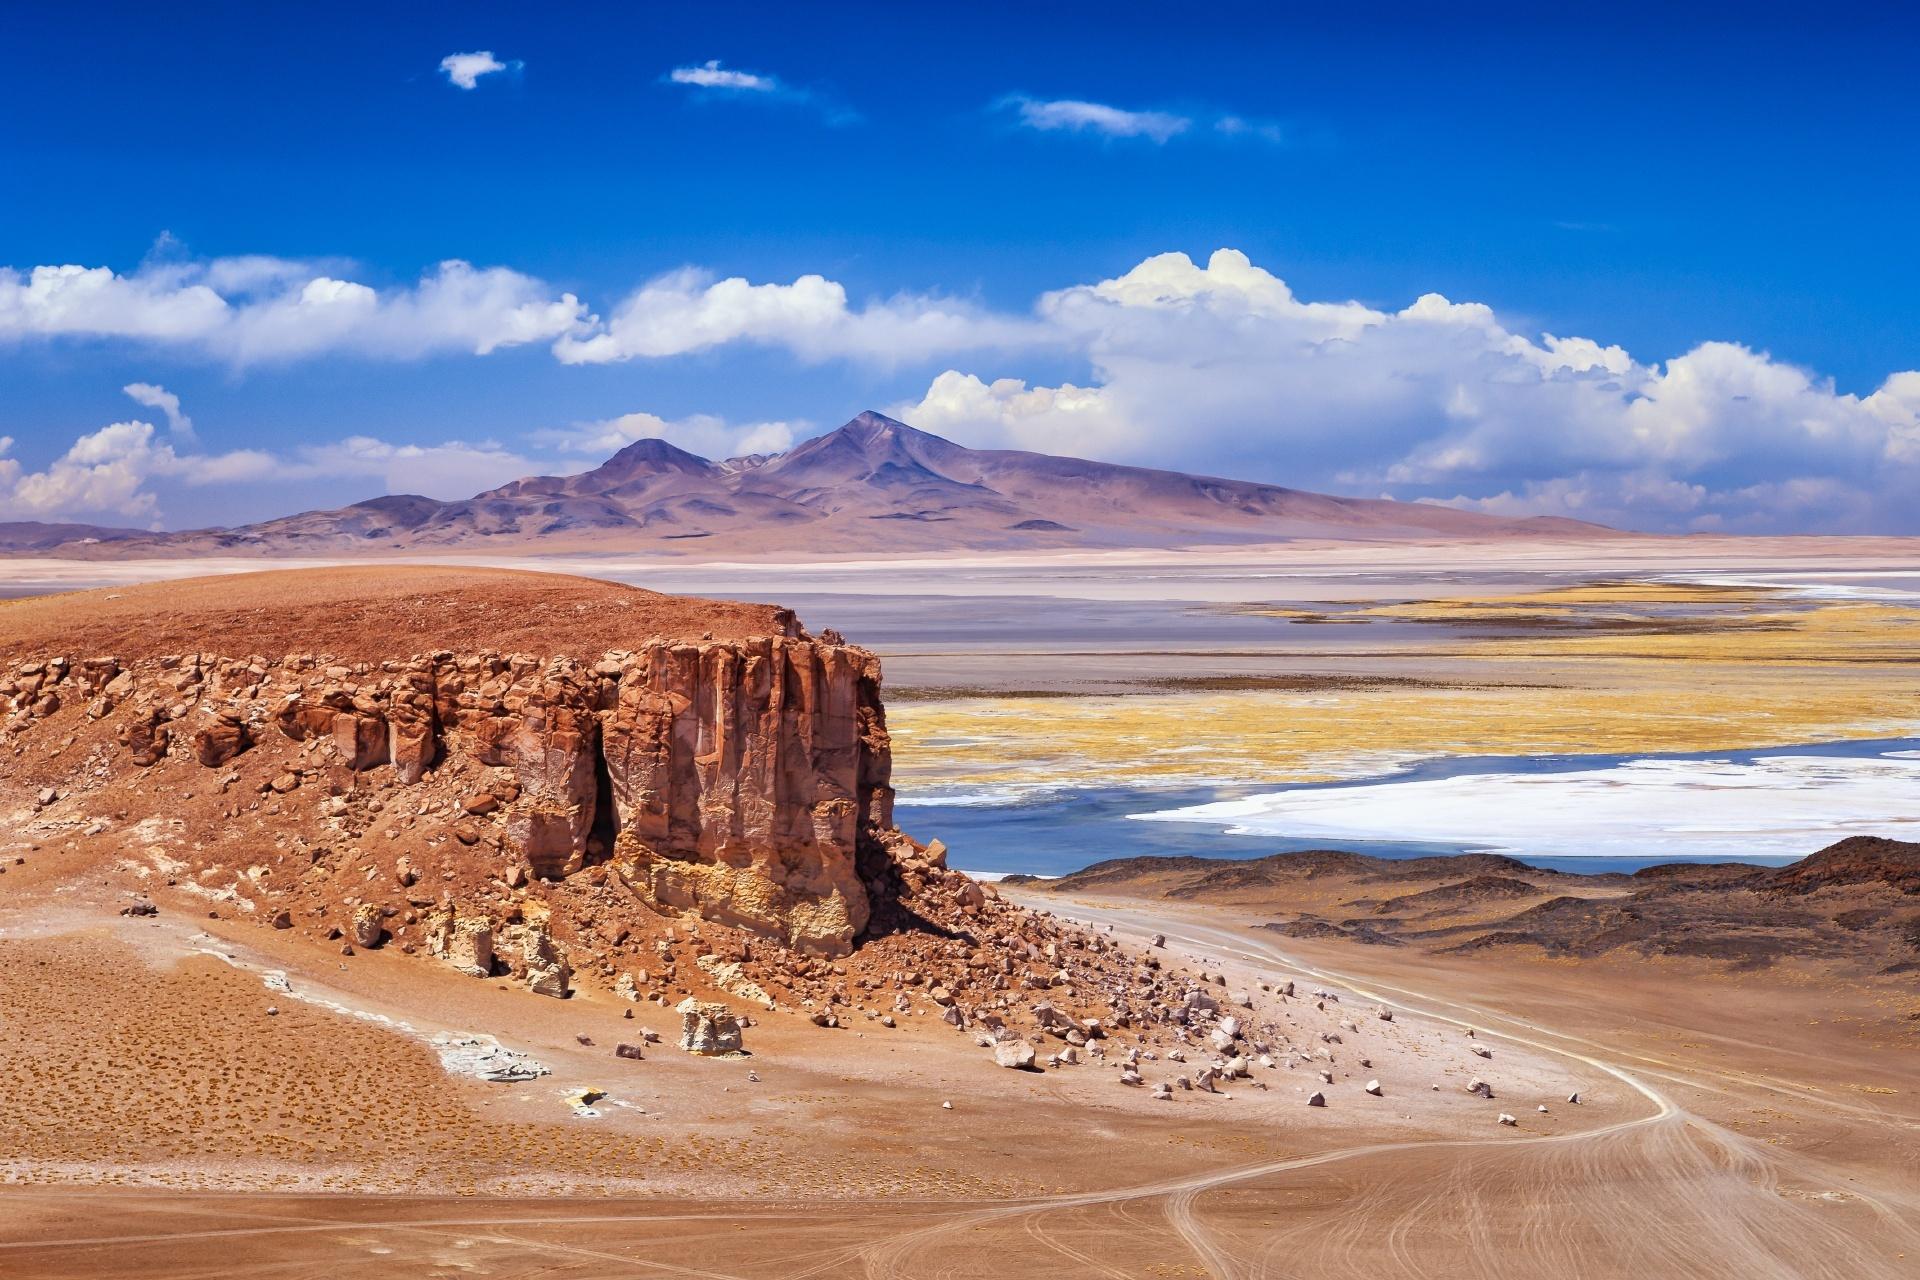 タラ塩湖とアタカマの風景 チリの風景